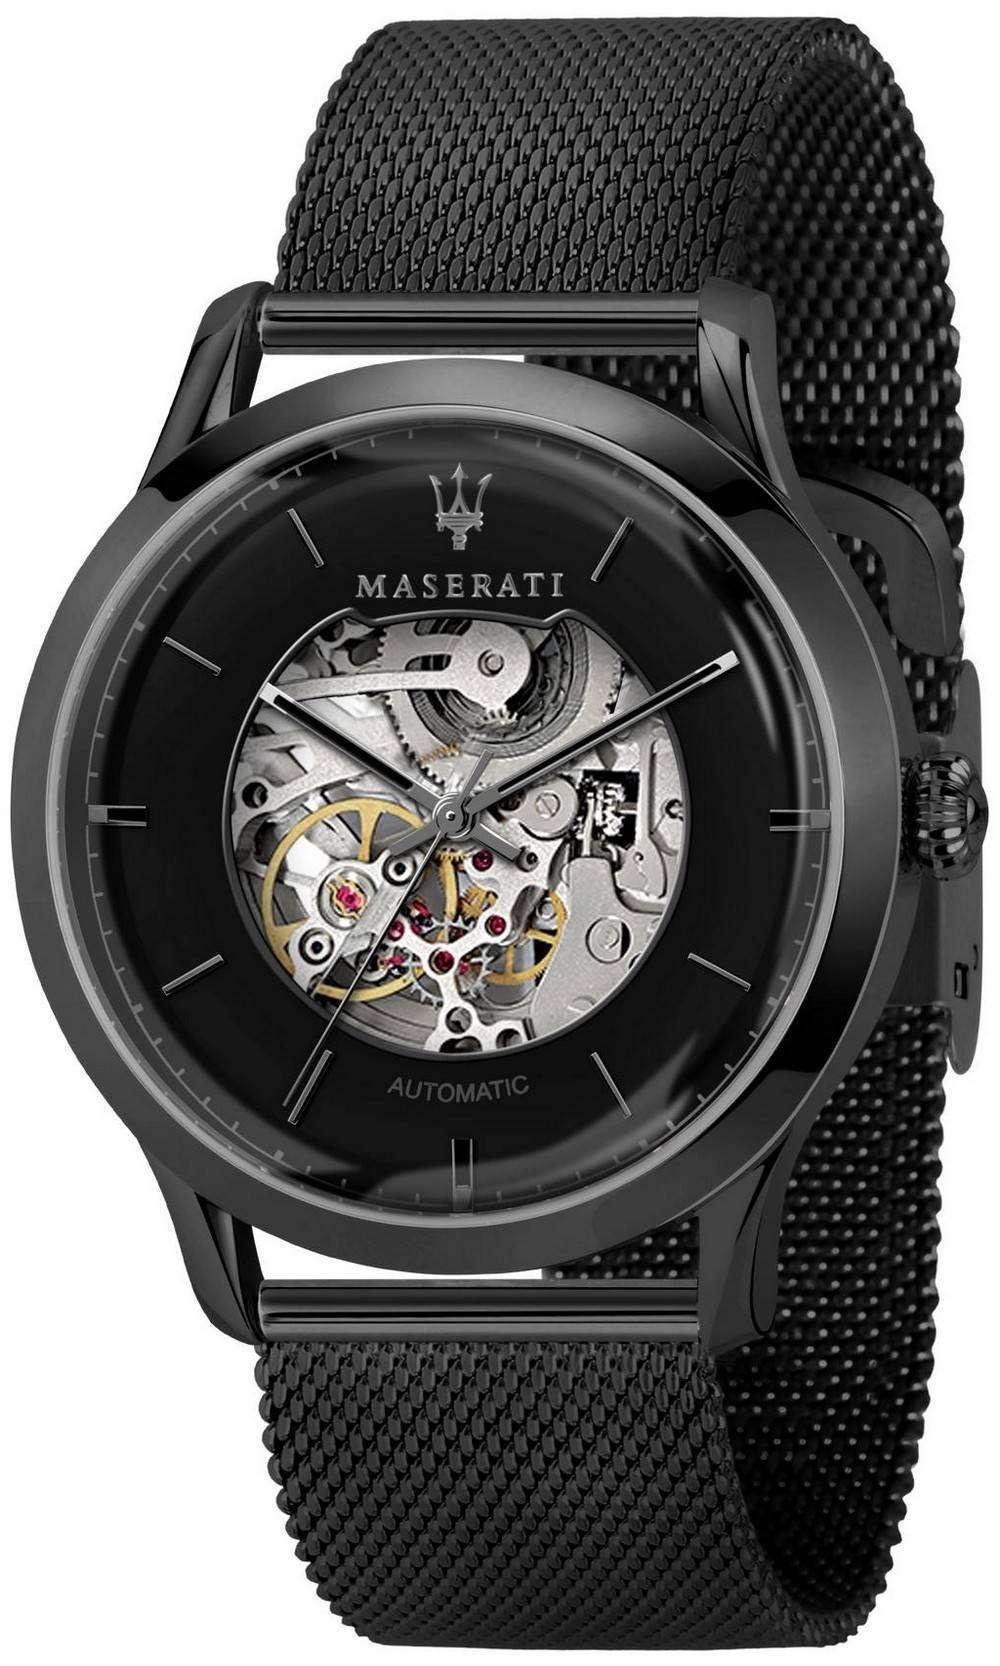 マセラティ Ricordo R8823133002 自動アナログ メンズ腕時計腕時計